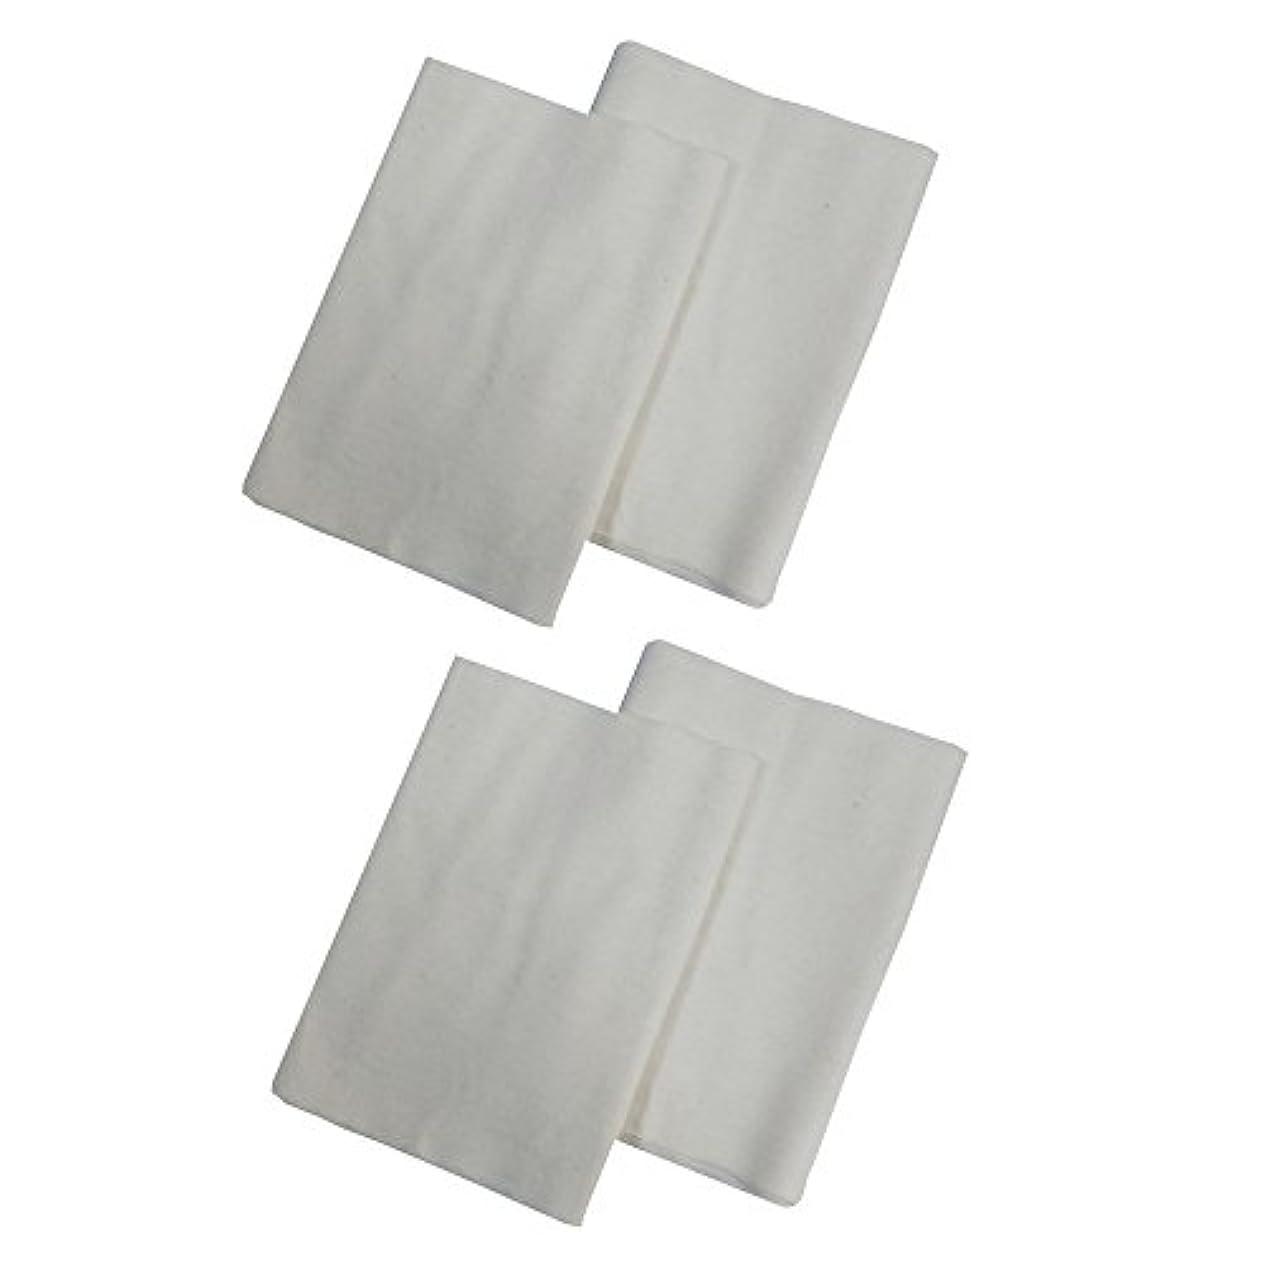 水分宙返り有害コットンフランネル4枚組(ヒマシ油用) 無添加 無漂白 平織 両面起毛フランネル生成